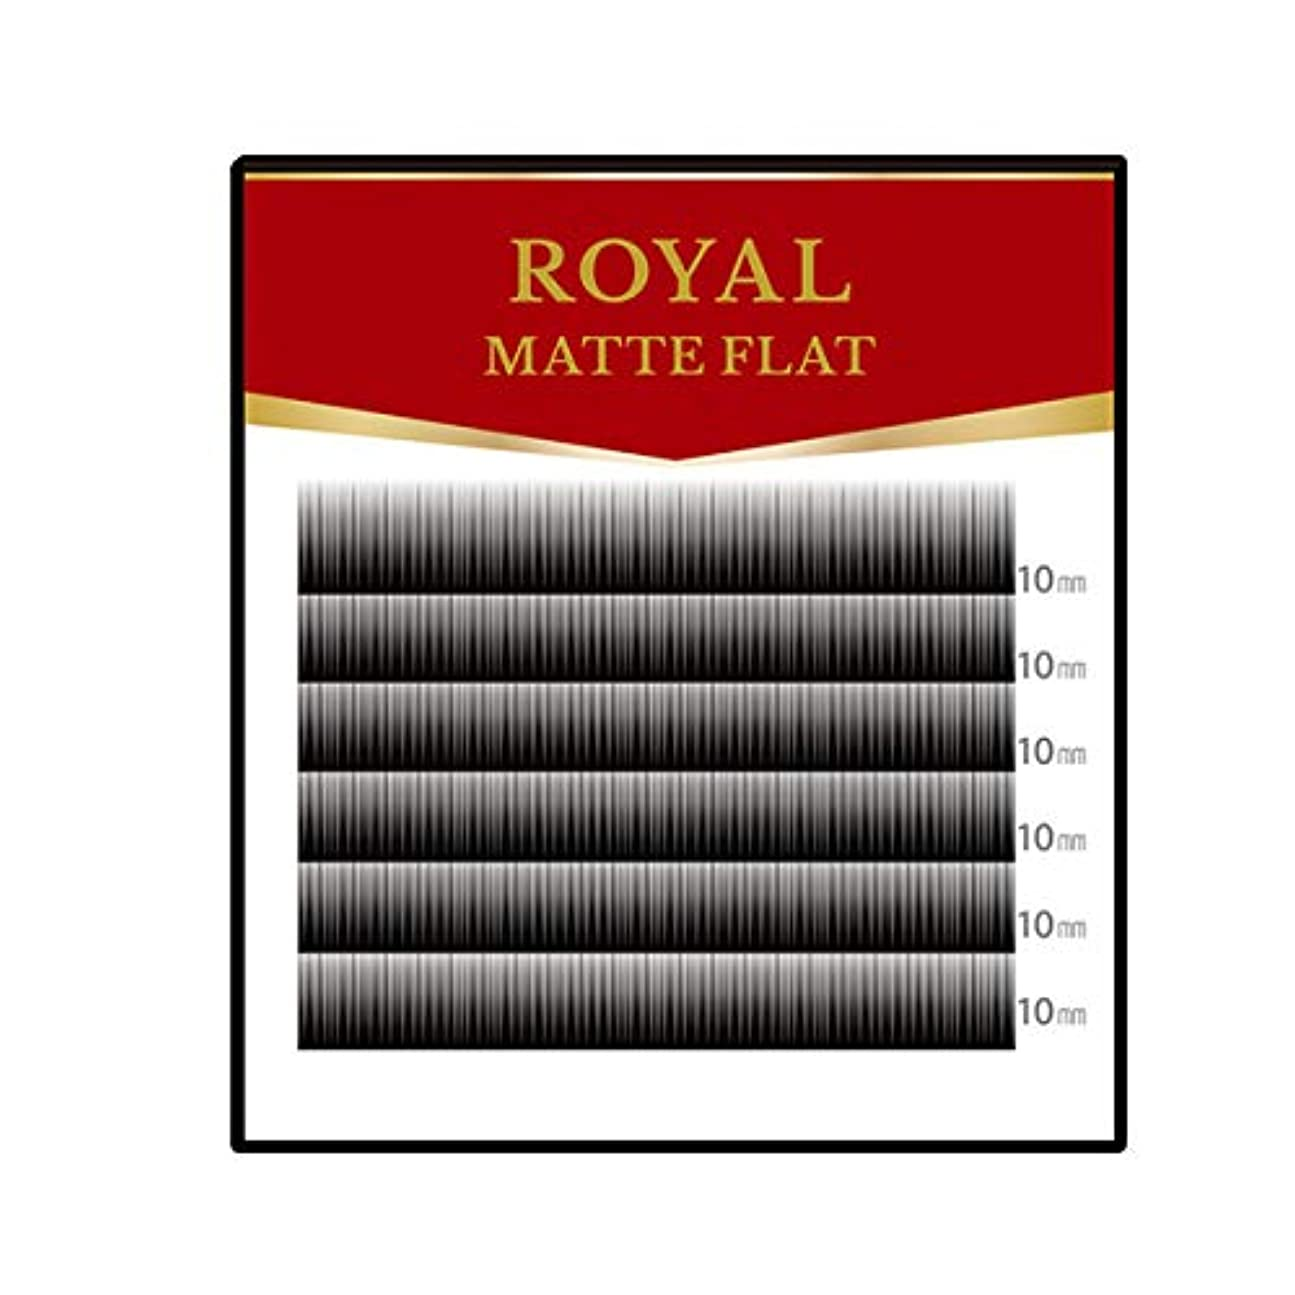 必要条件モッキンバードハウスまつげエクステ マツエク ロイヤル マットフラット(2又)(6列) (Jカール 0.15mm 10mm)